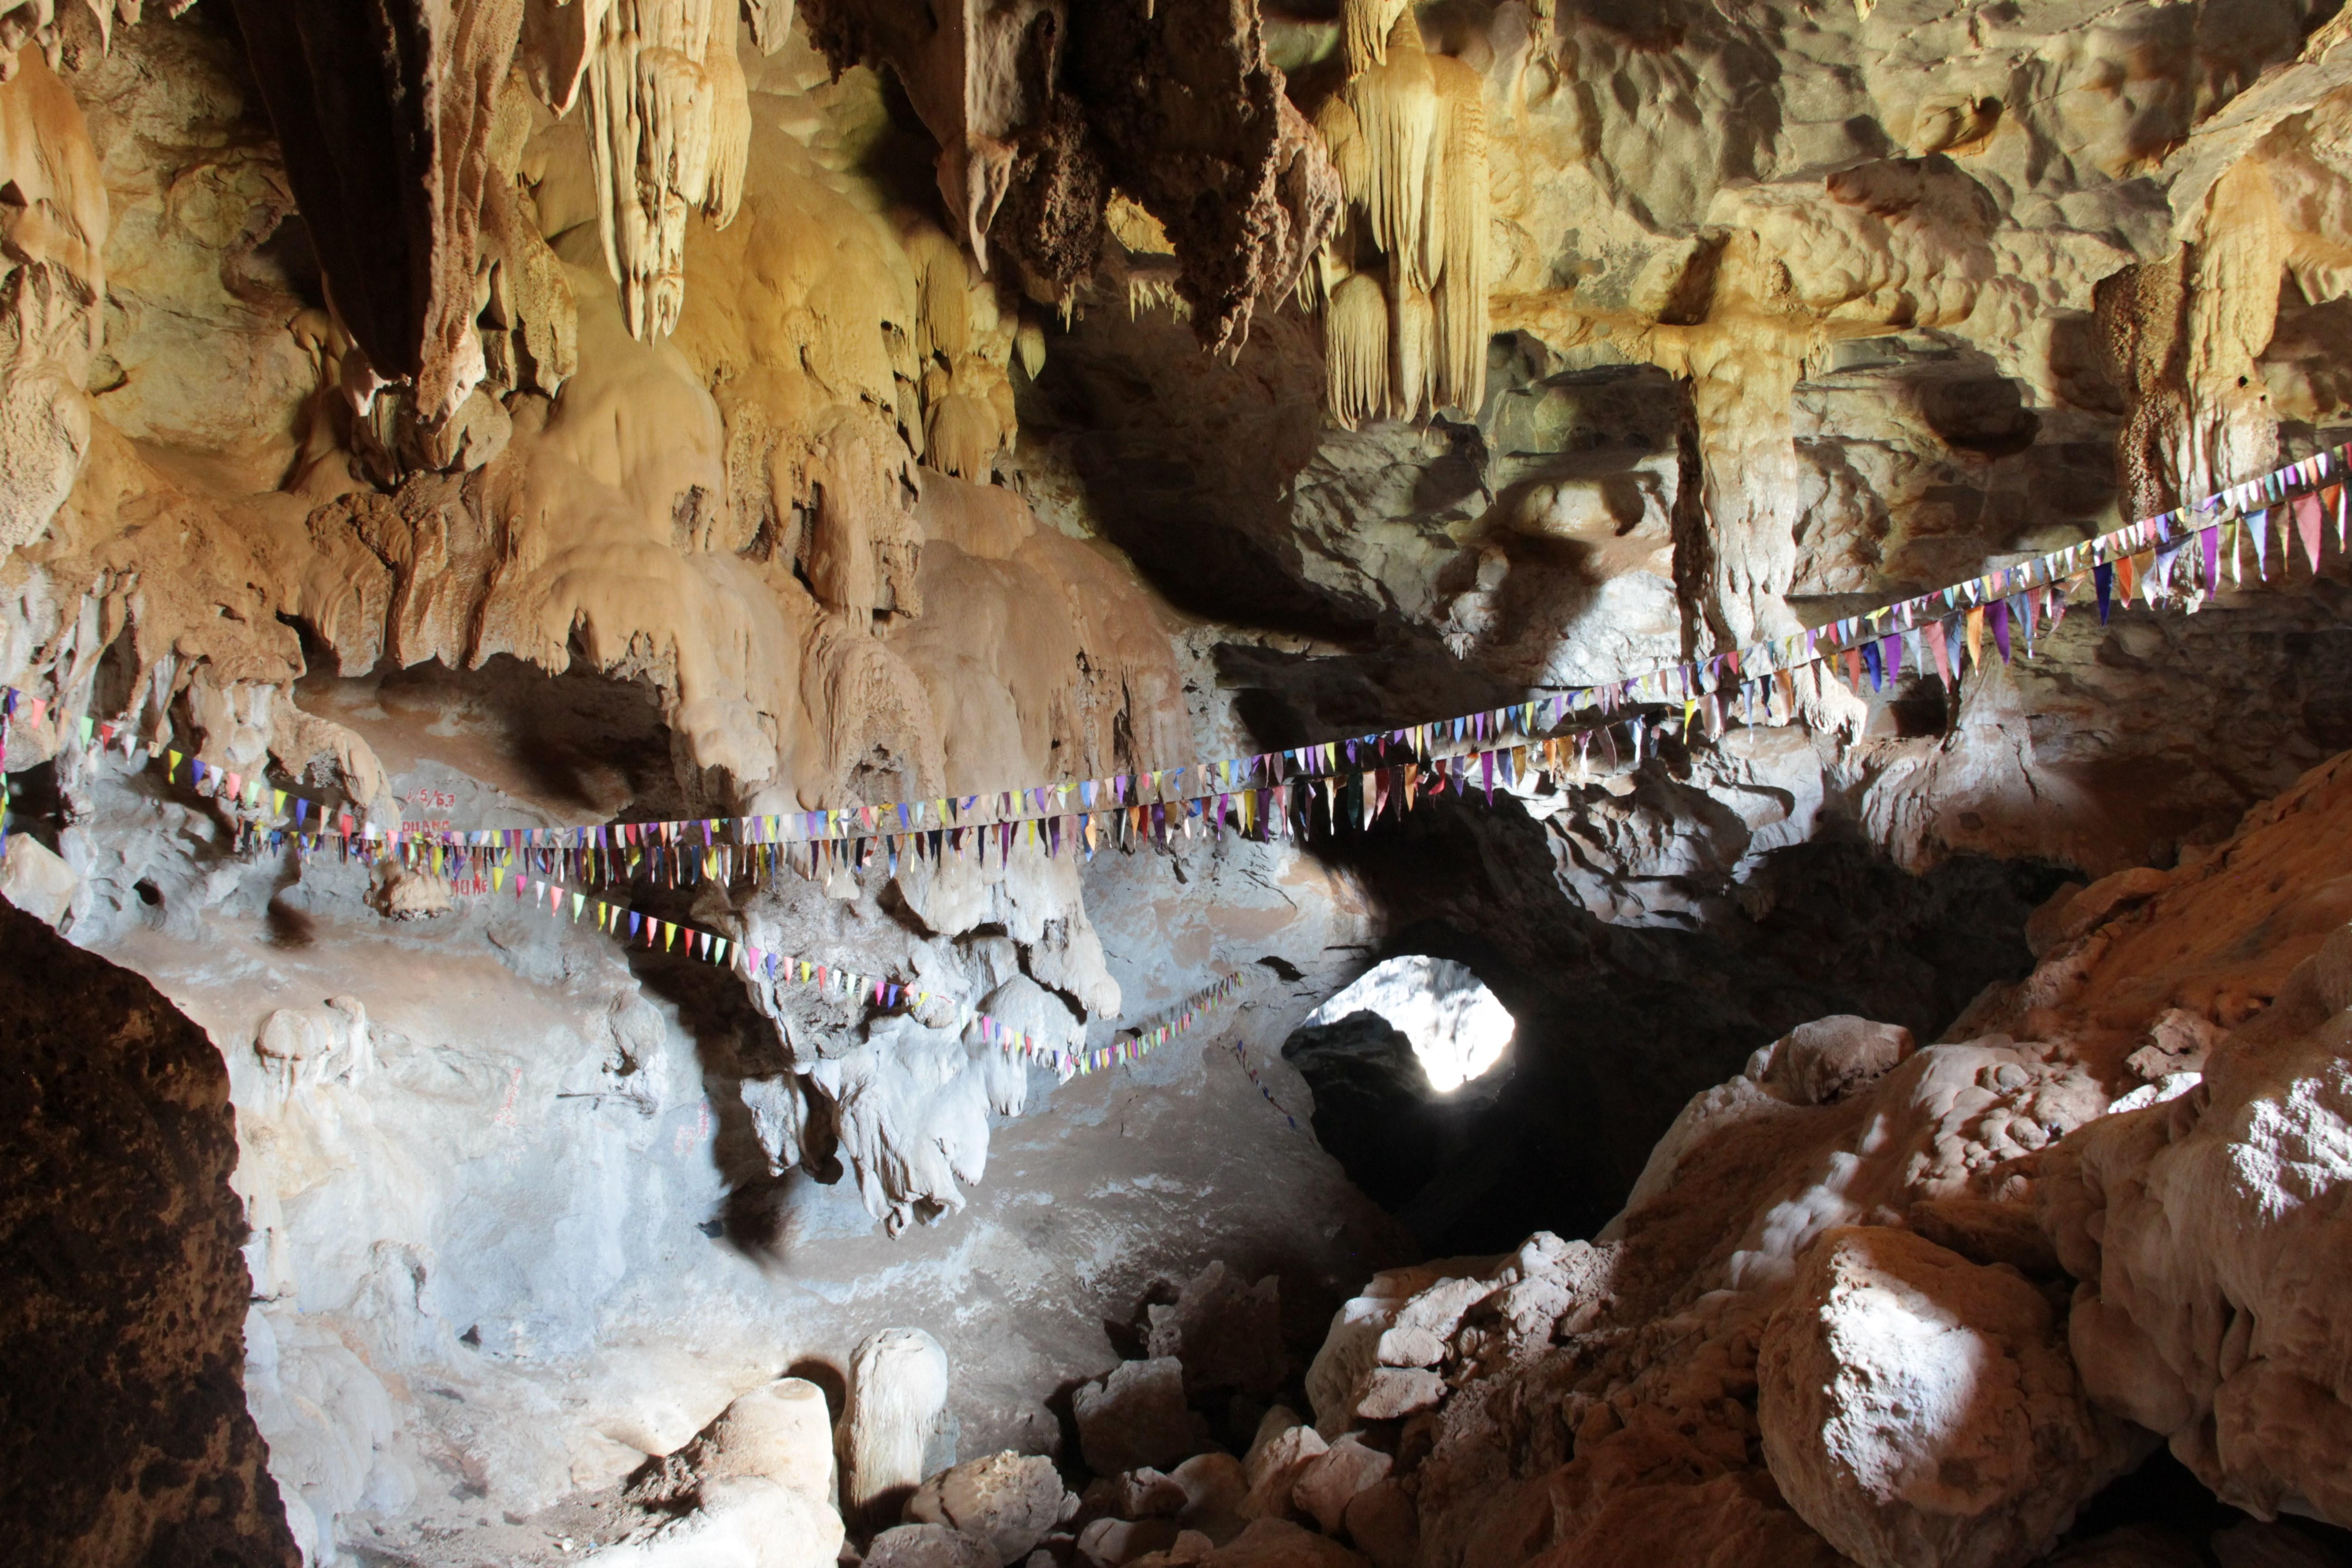 Comme plusieurs grottes, celle de Pha In sert de lieu de prière aux bouddhistes, qui l'ont ornée d'une guirlande de petits drapeaux (© Aurélie Bacheley).